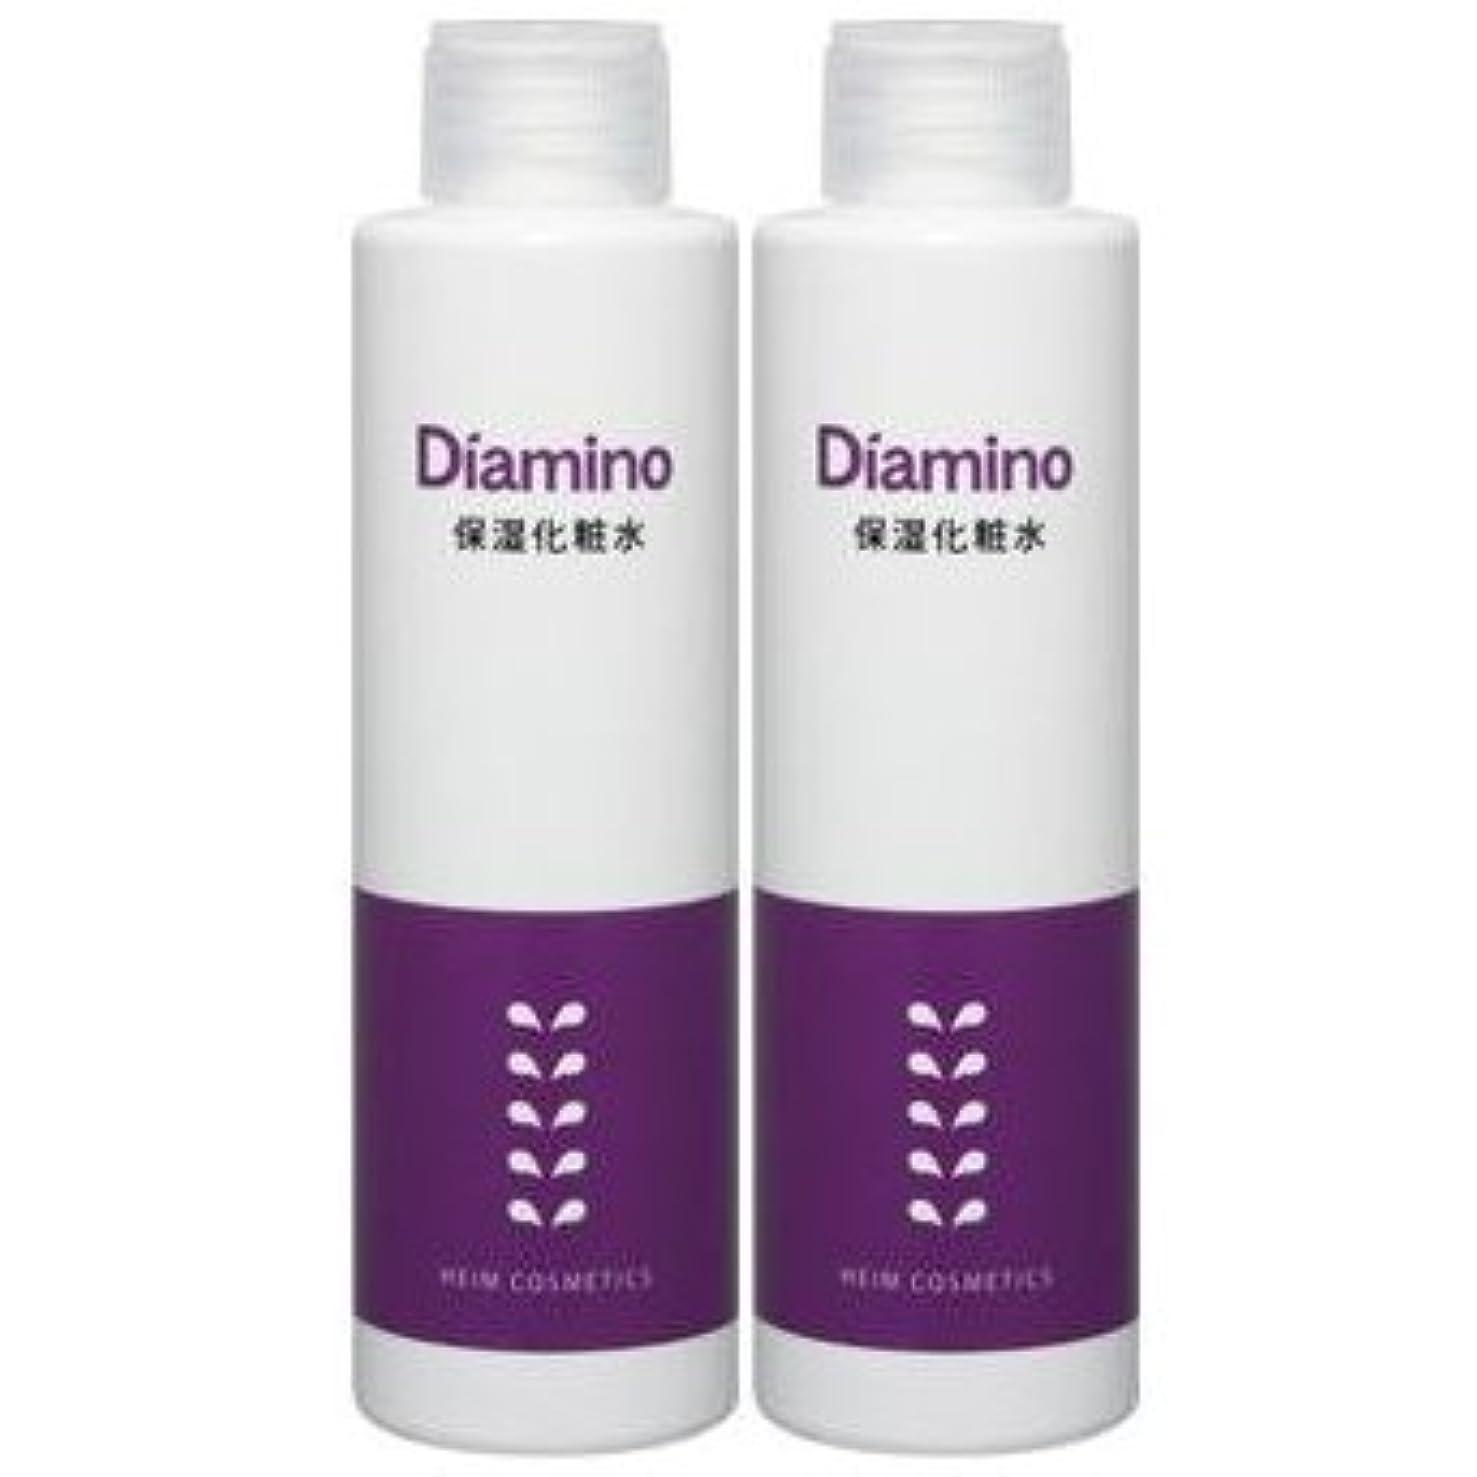 論理的導入する共和党ハイム化粧品/ディアミノ 保湿 化粧水×2個